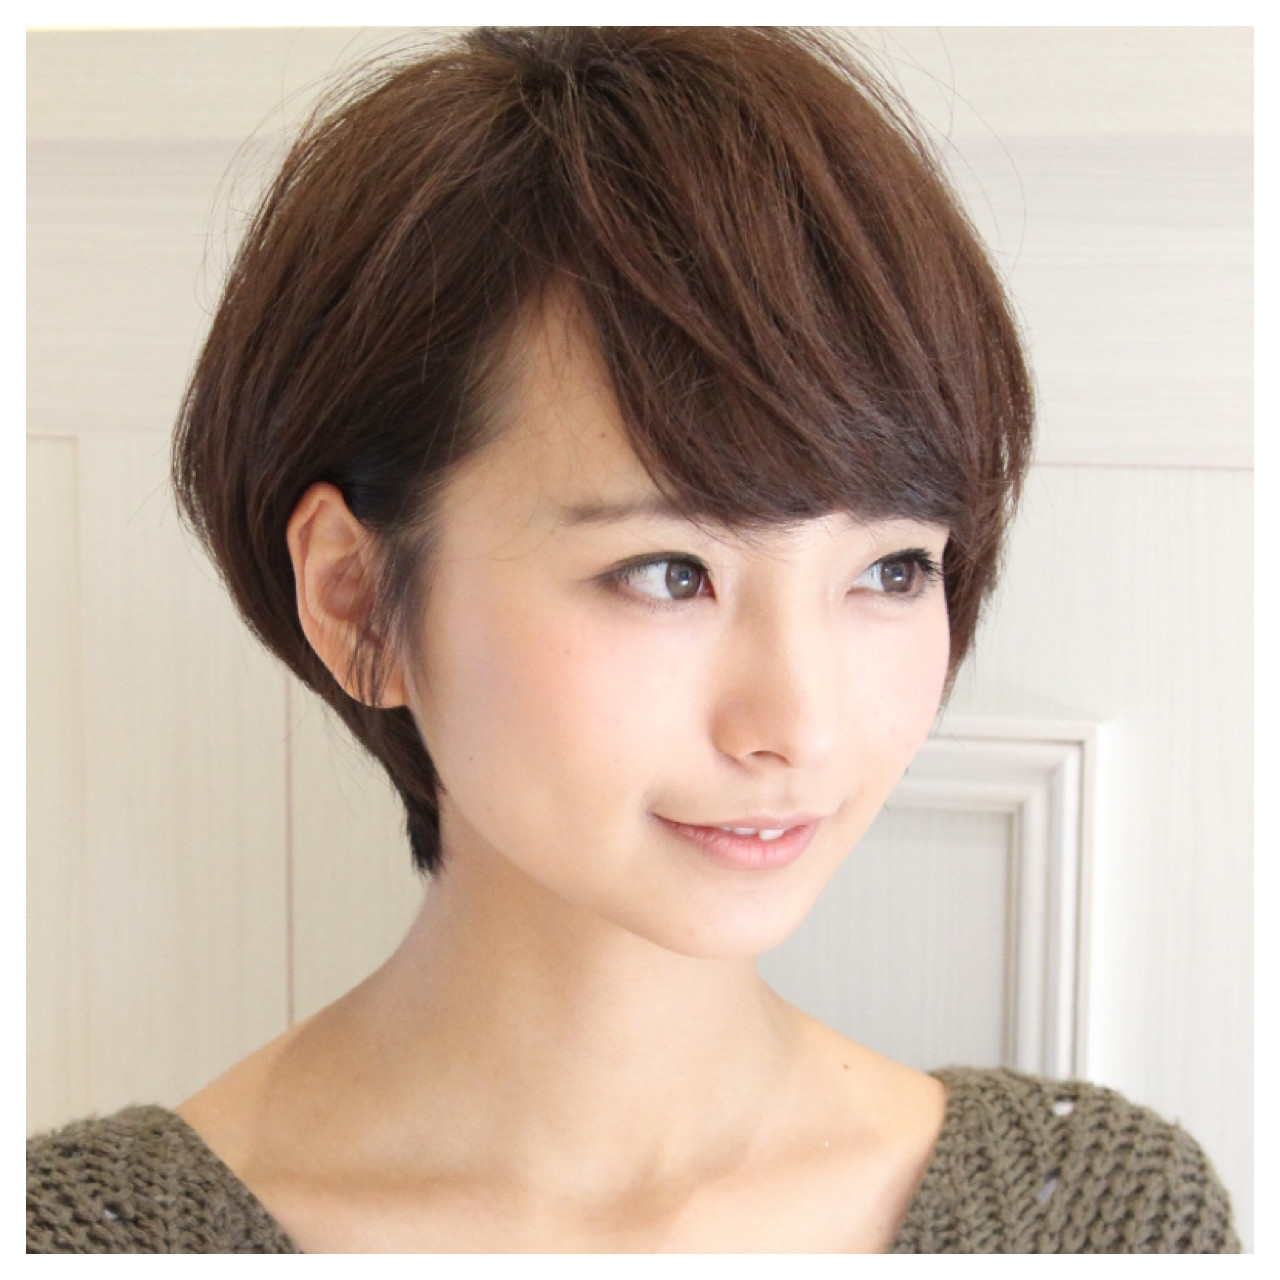 ミルクティー ショート こなれ感 ボブ ヘアスタイルや髪型の写真・画像 | Masanori Yamasaki / Reuna(レウナ)